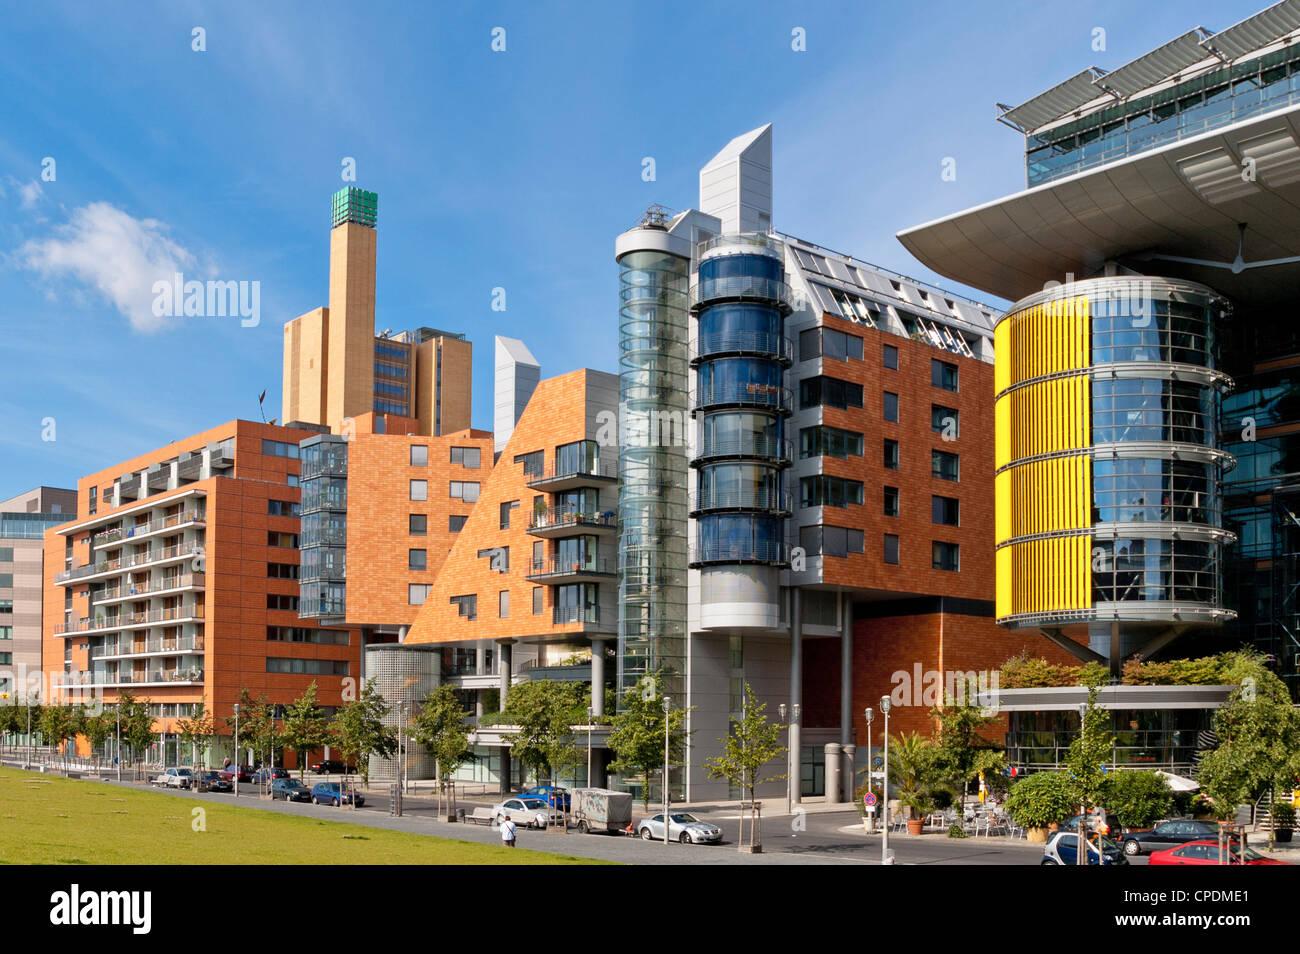 Daimler uffici, negozi al dettaglio e architetto residenziale progettata architettura moderno complesso sulla Linkstrasse, Immagini Stock